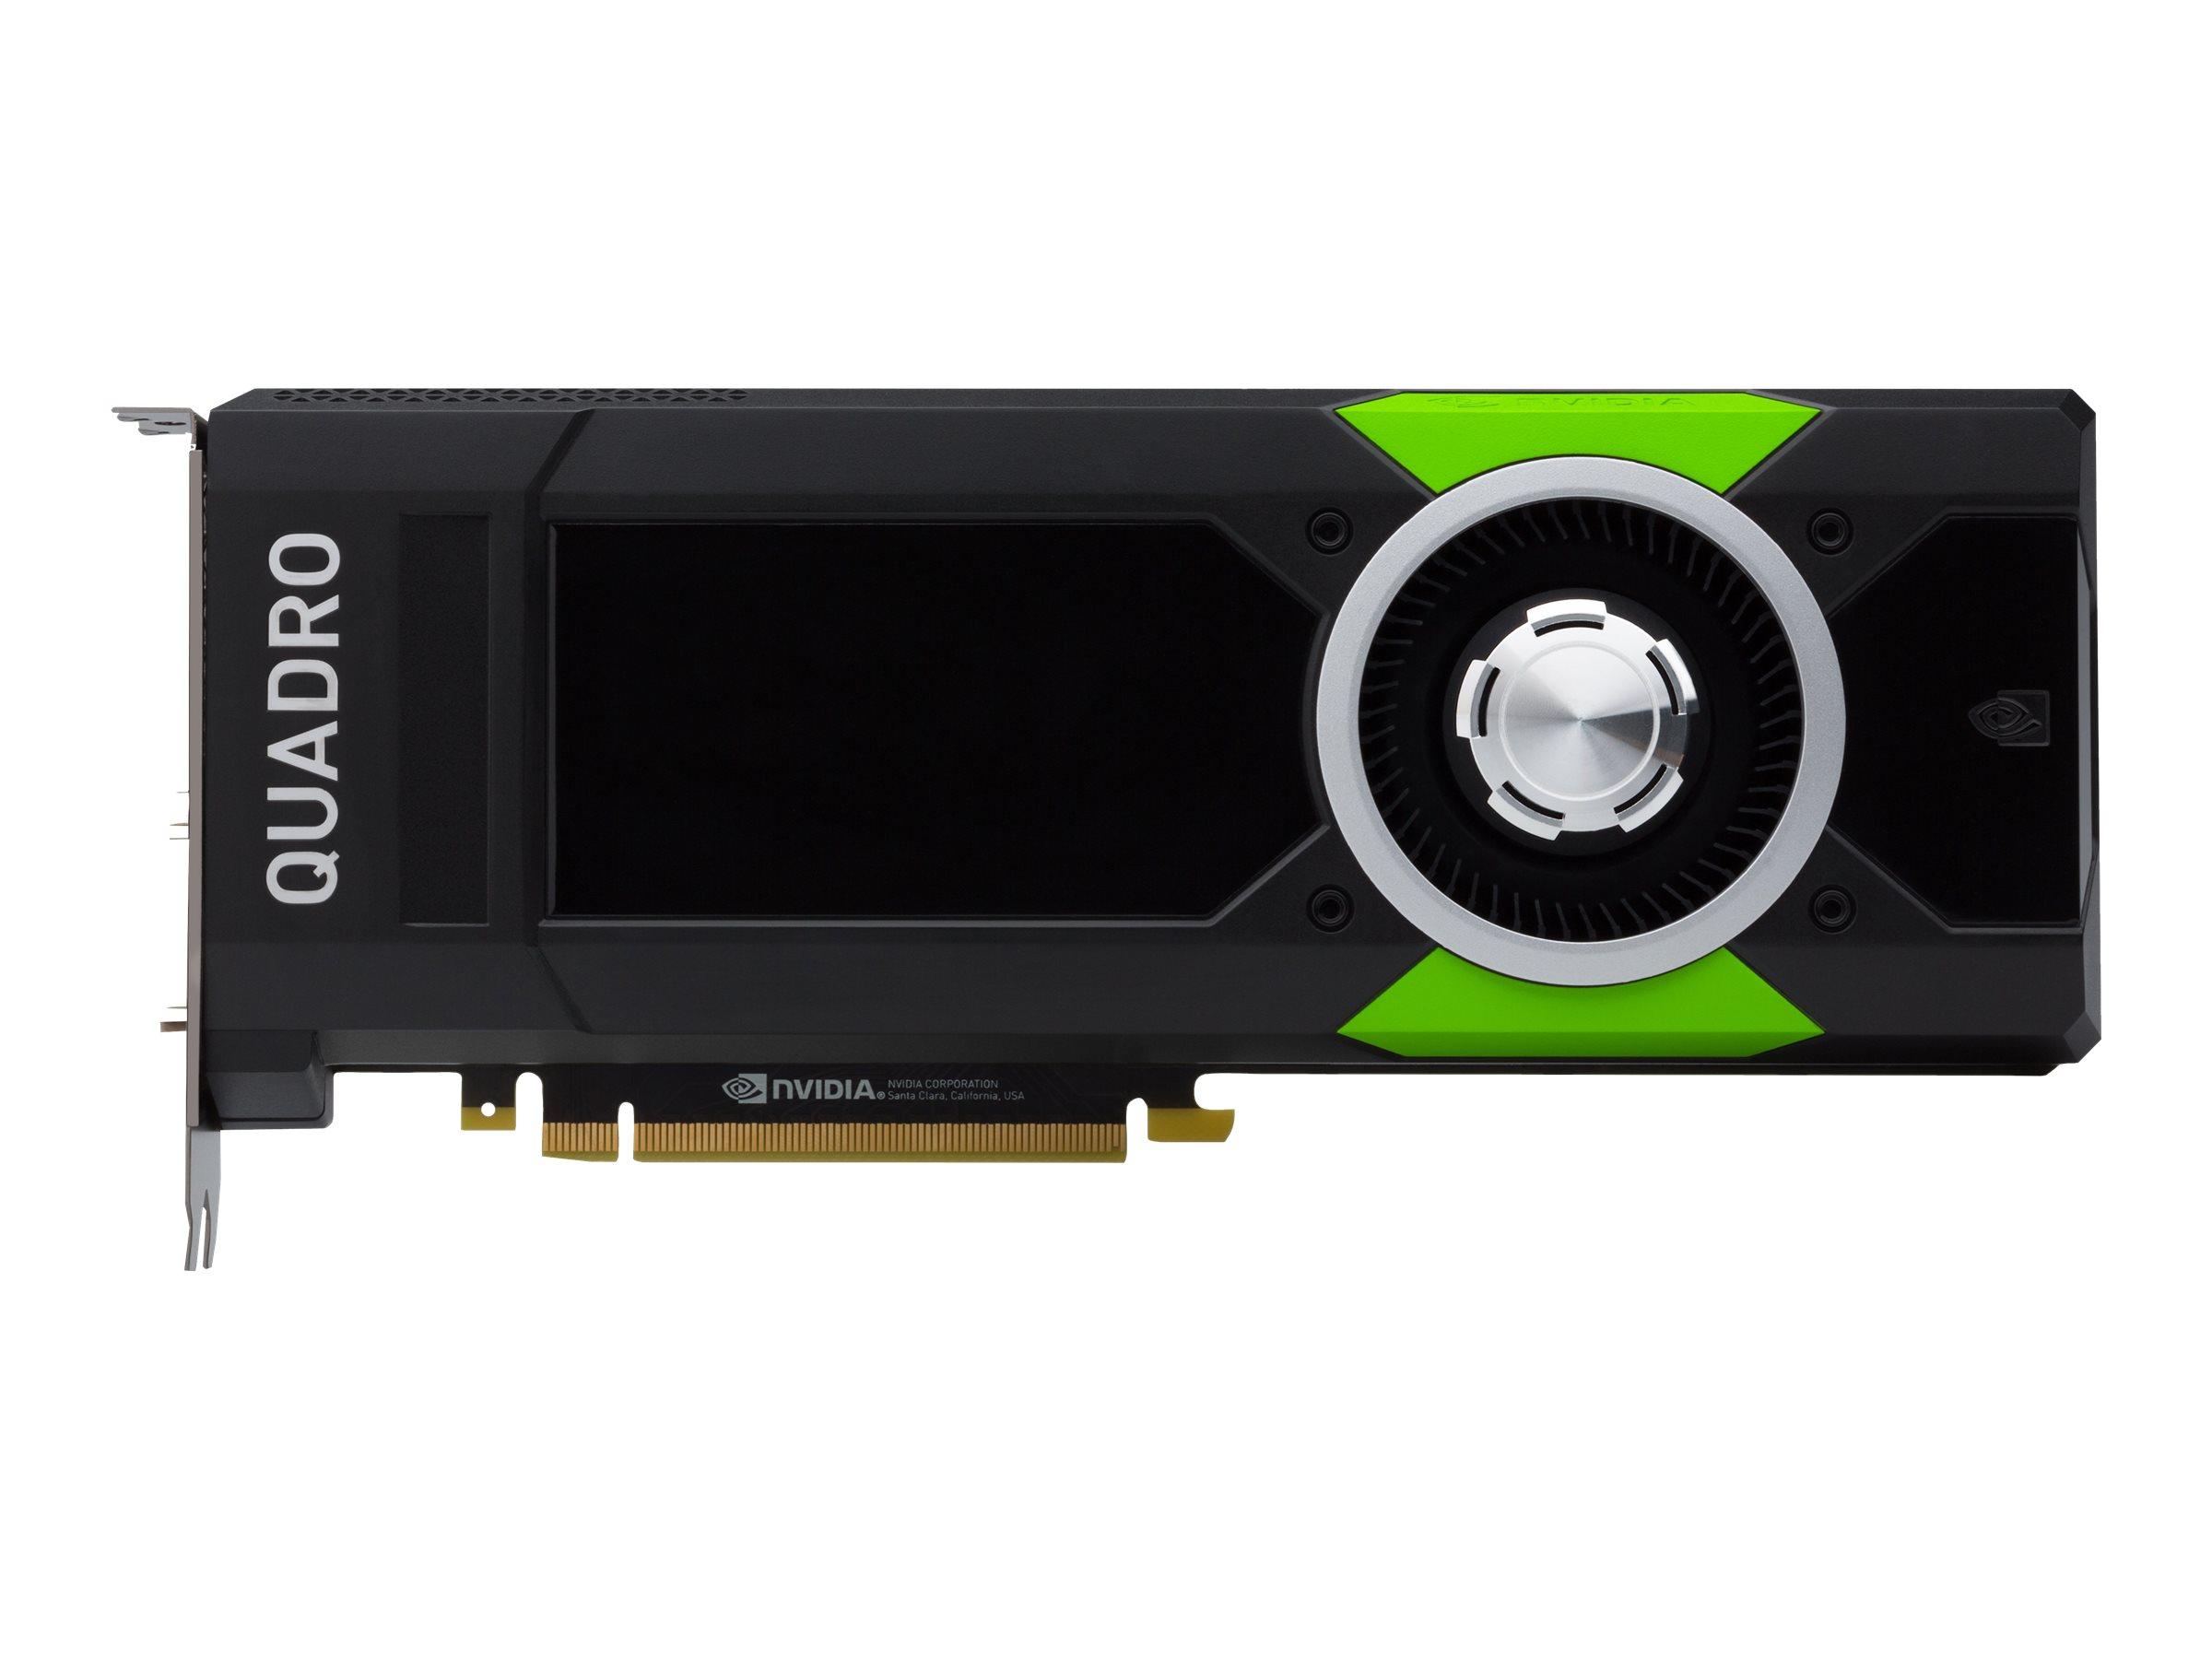 NVIDIA Quadro P5000 - Grafikkarten - Quadro P5000 - 16 GB GDDR5X - PCIe 3.0 x16 - DVI, 4 x DisplayPort